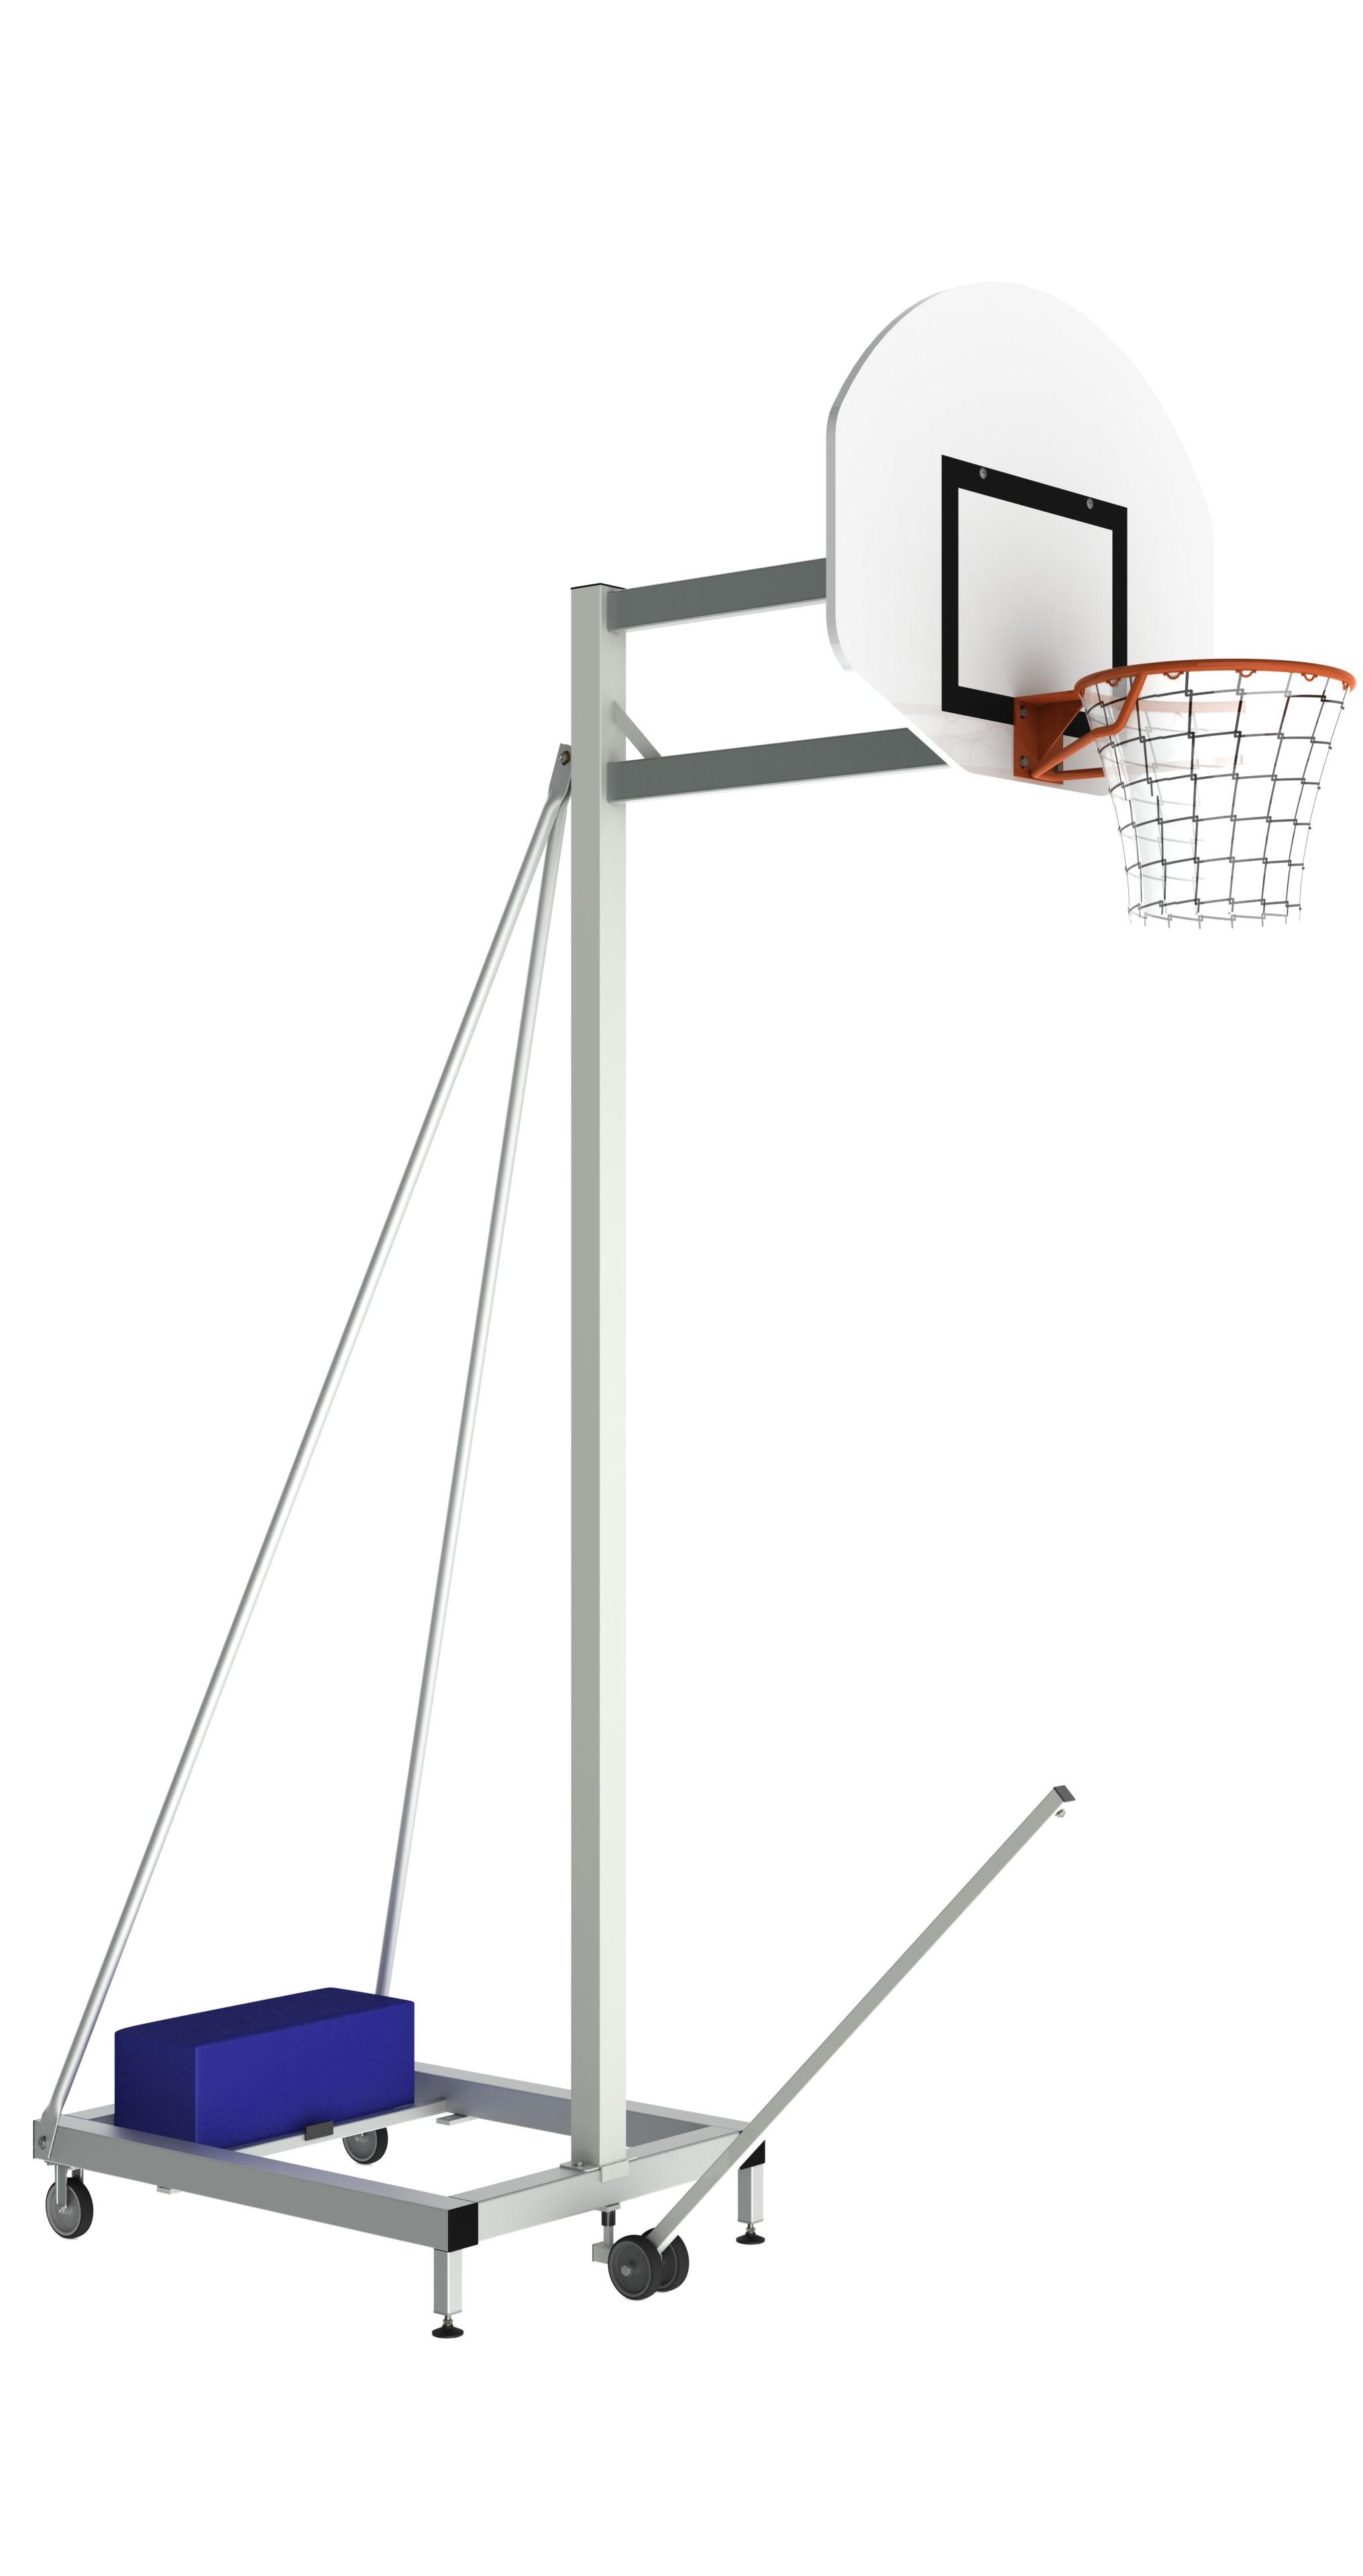 Image of   Basketball Portable Training Goal - 3,05 m - Udhæng 0,6 m